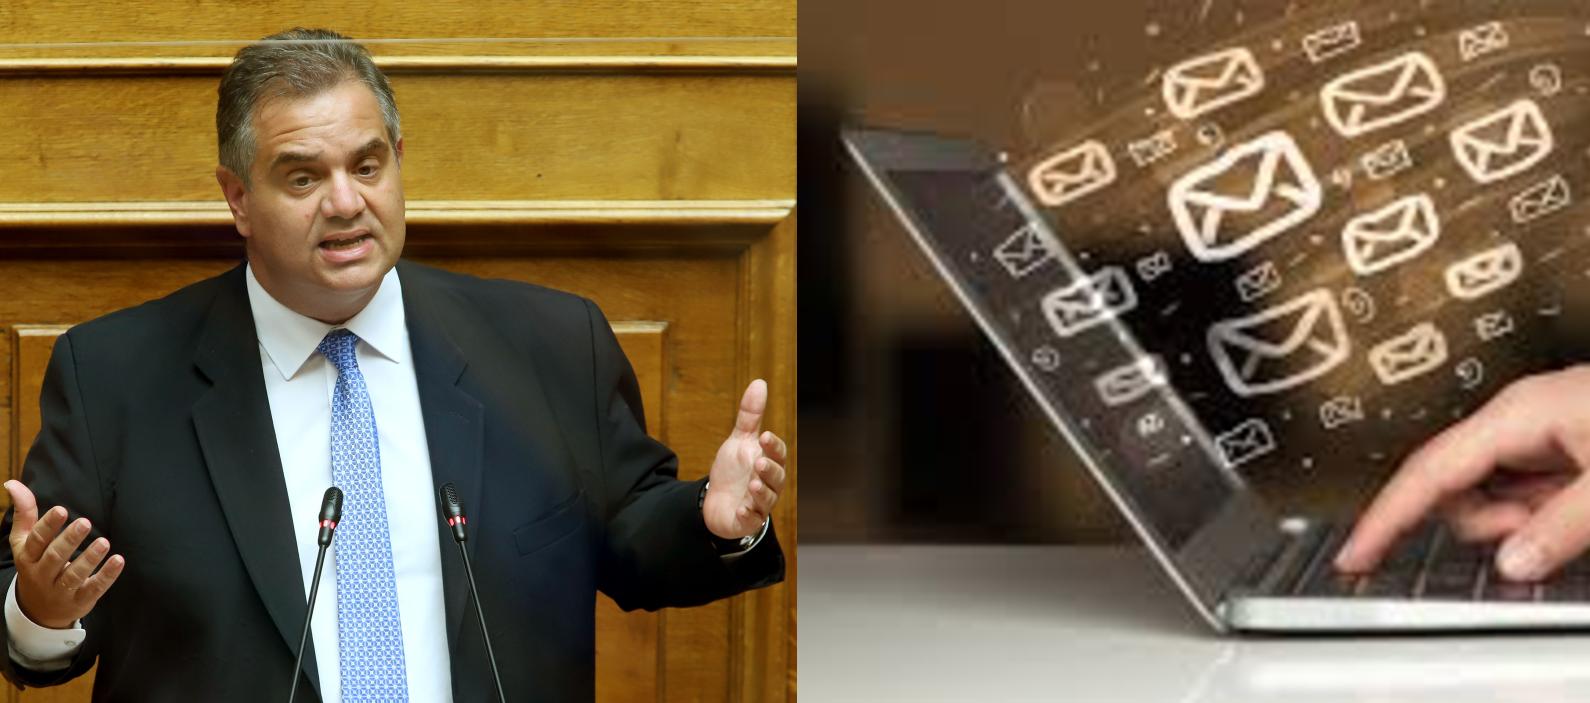 Την ηλεκτρονική ενημέρωση των ιδιοκτητών ακινήτων για τη δυνατότητα δήλωσης των αδήλωτων τετραγωνικών μέτρων, ζητάει ο Βουλευτής Βασίλης Σπανάκης